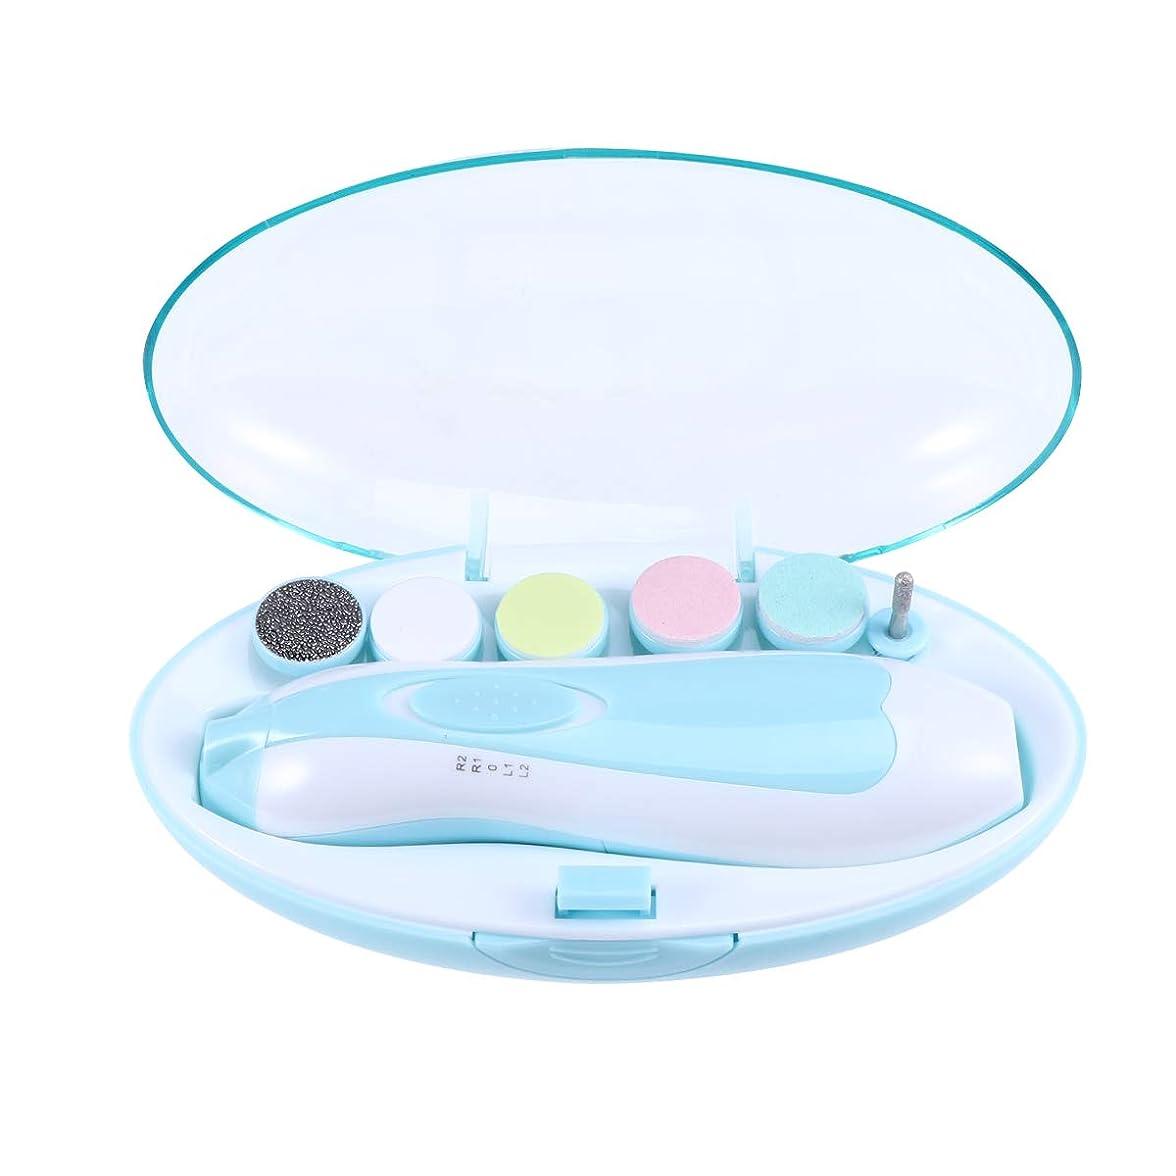 実際のわずらわしい第二にSUPVOX 赤ん坊の釘ファイル電気赤ん坊の釘のトリマーの幼児/幼児/子供のための多機能のネイルポリッシャー